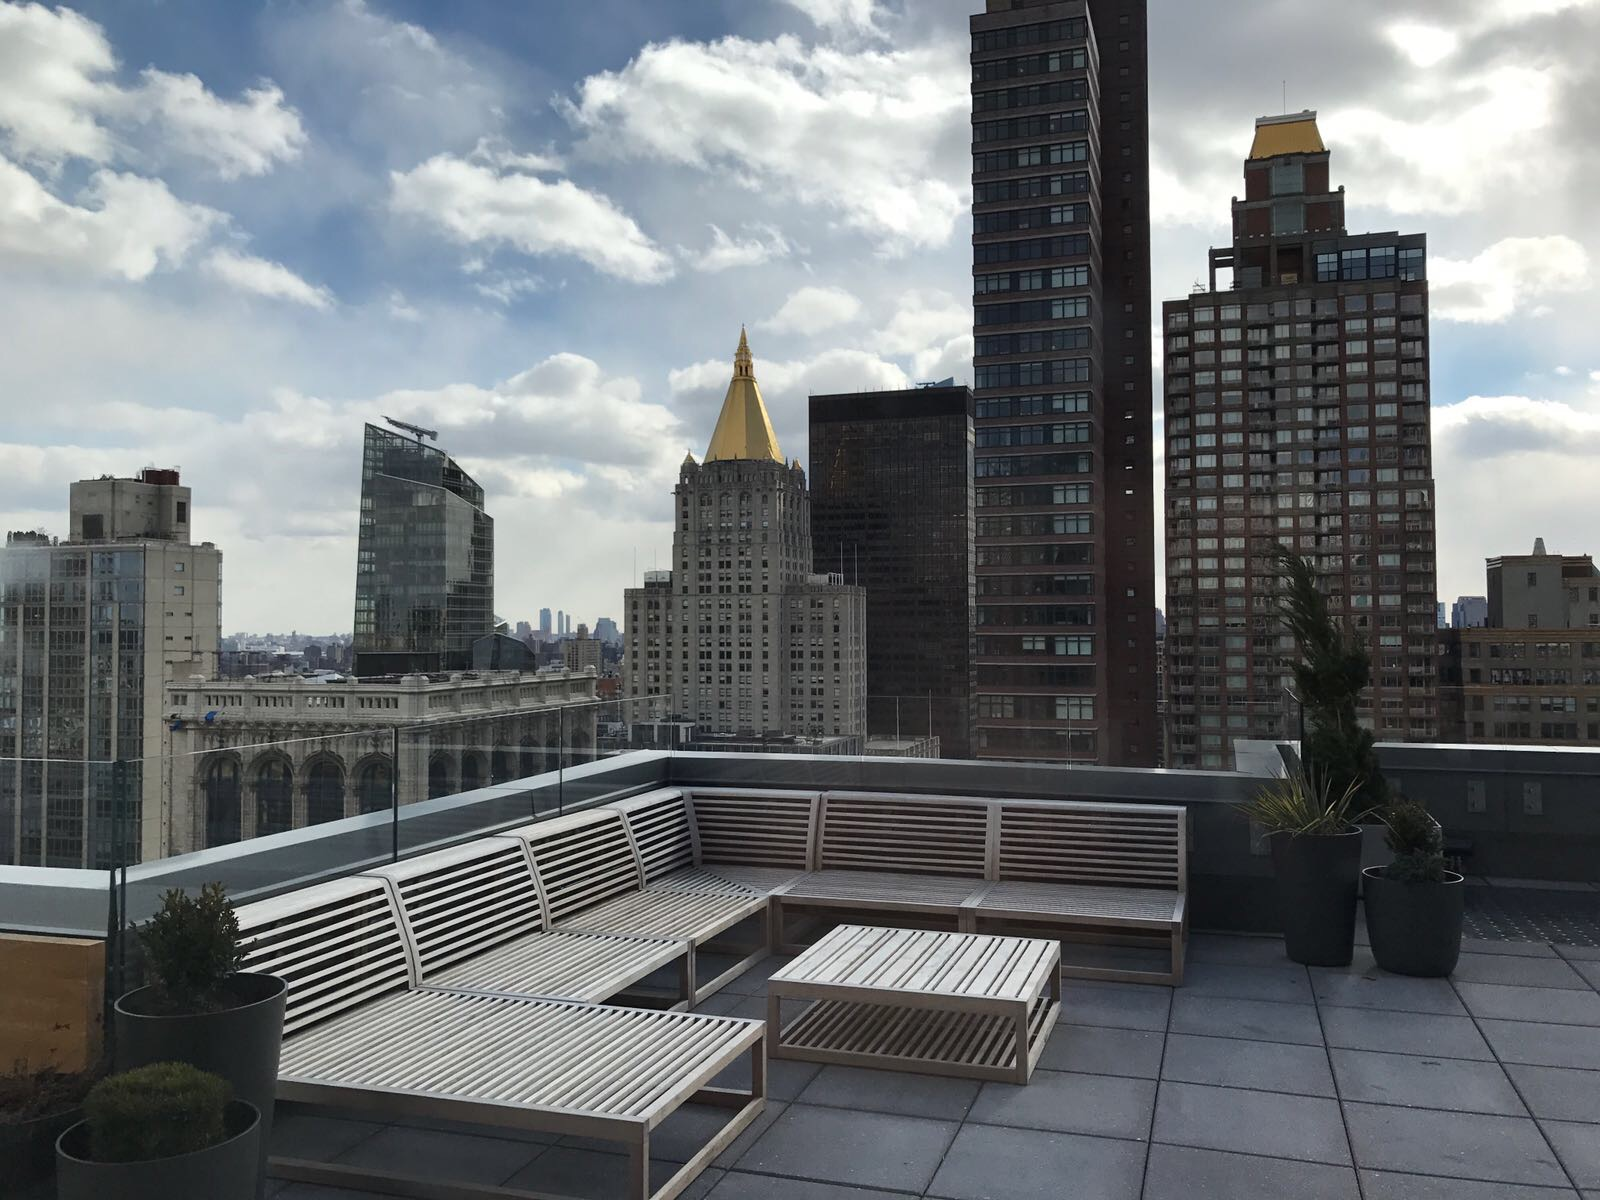 NY Hotel Arlo Nomad